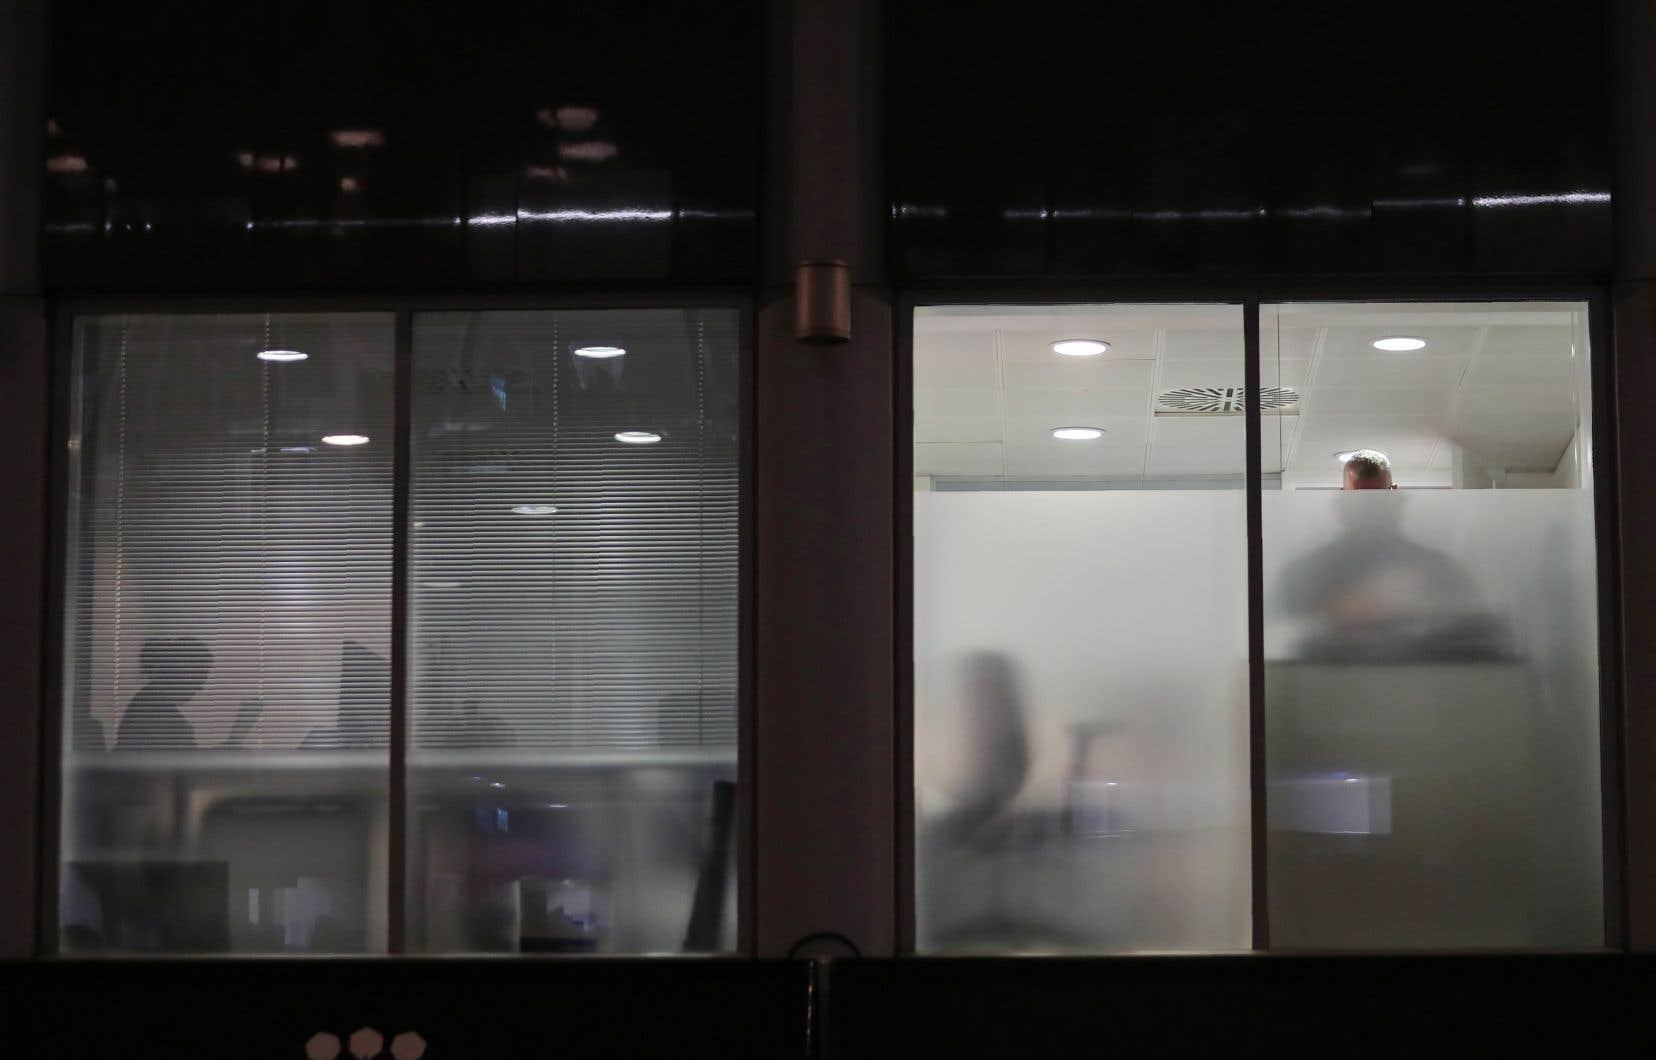 Dix-huit membres de l'Information Commissionner's Office se trouvaient au siège britannique de l'entreprise, situé en plein coeur de Londres.